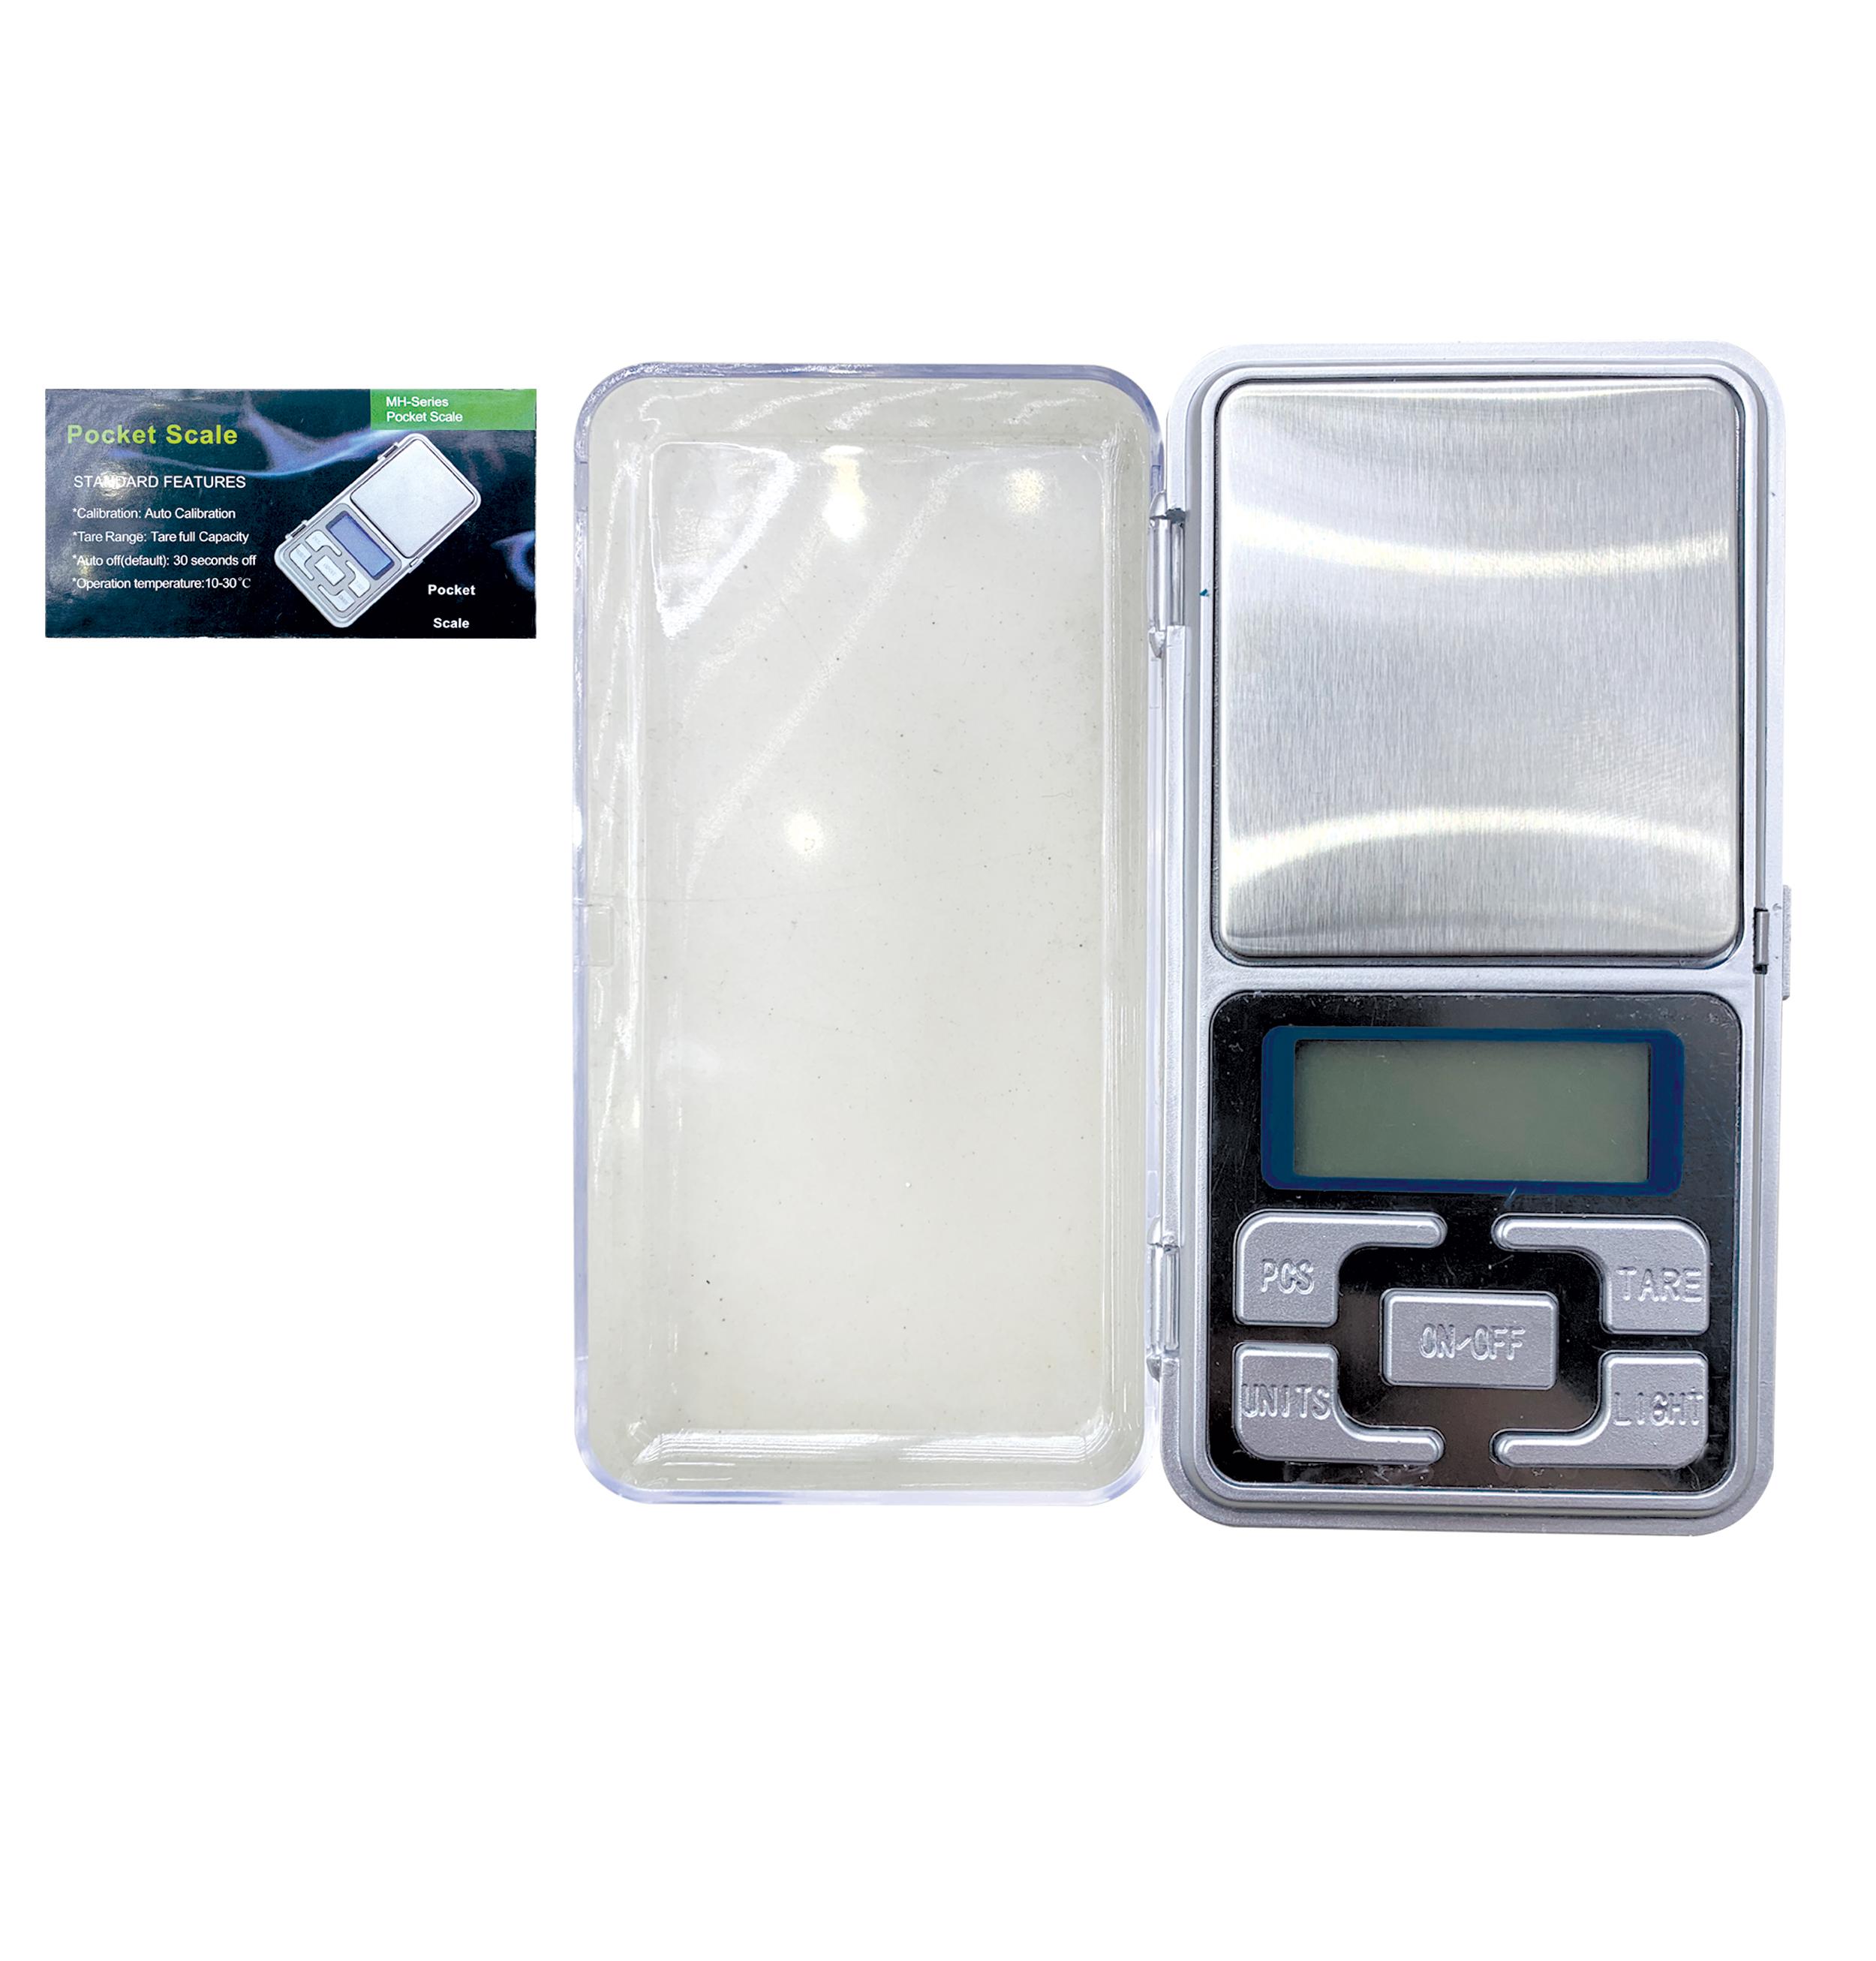 Ηλεκτρονική ζυγαριά τσέπης